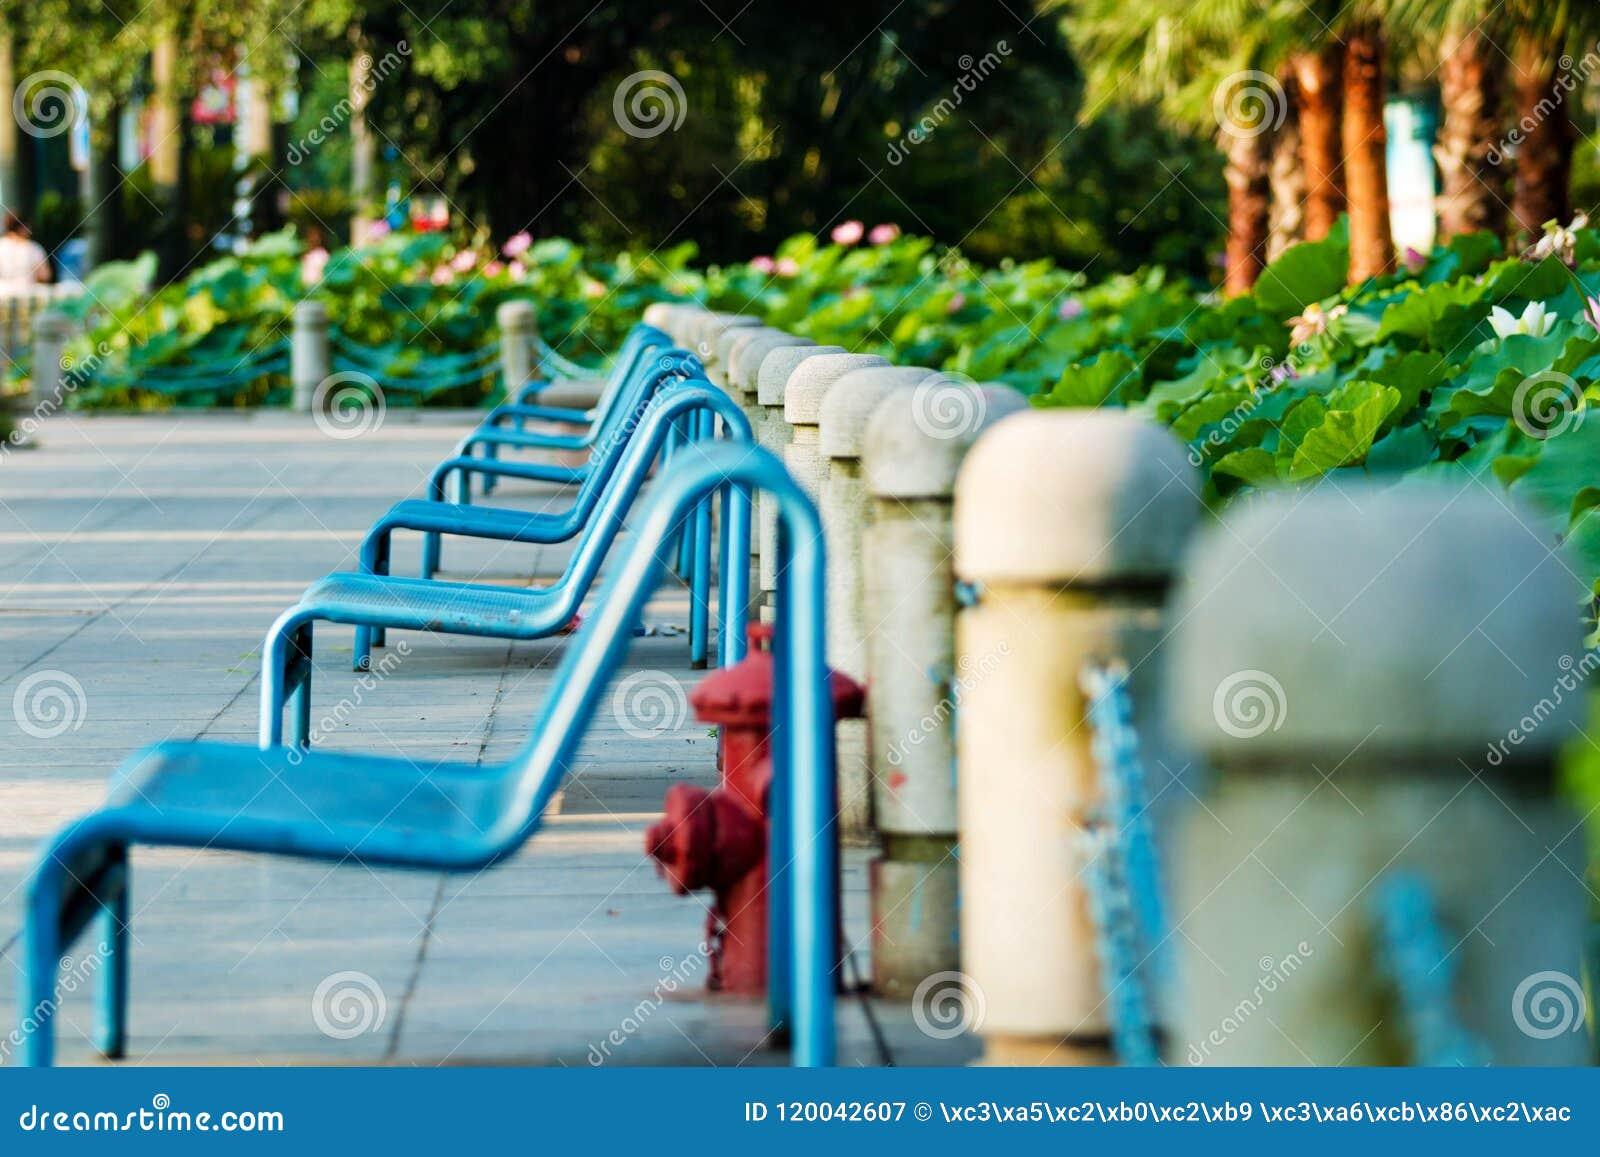 一条长凳在社区公园